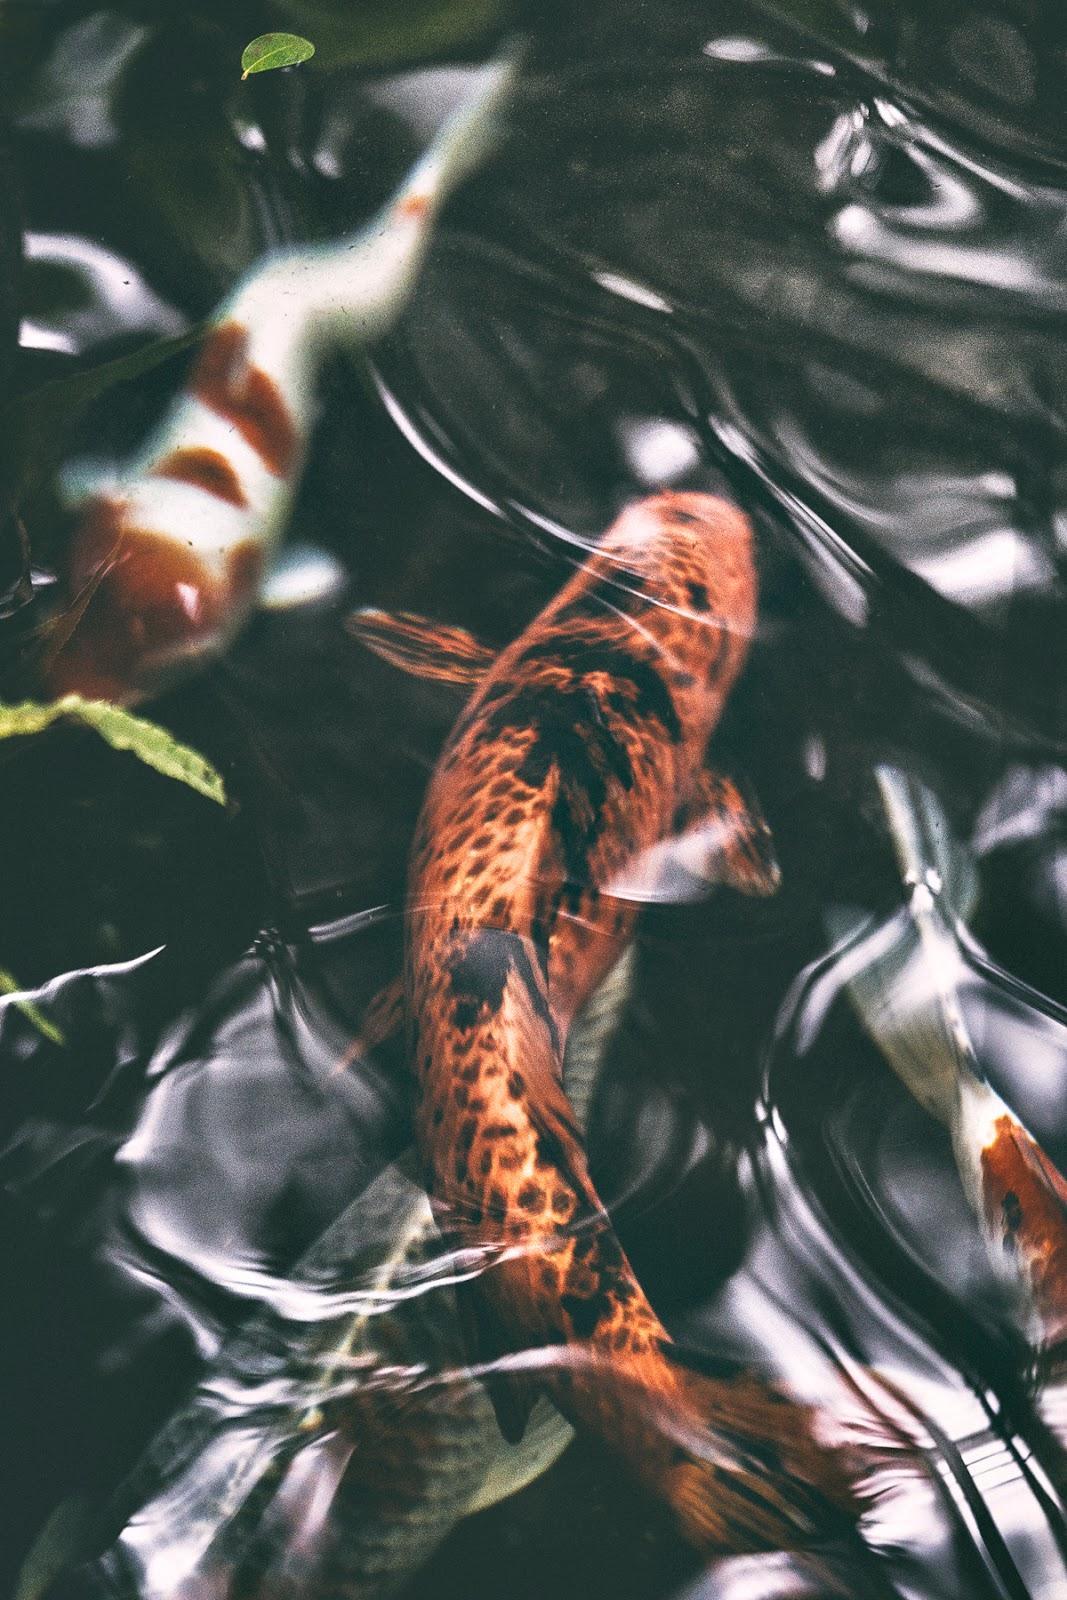 Talvipuutarha, Helsinki, myhelsinki, visithelsinki, garden, orangerie, puutarha, kasvit, kukat, viherkasvit, valokuvaaja, Frida Steiner, Visualaddict, visualaddictfrida, kultakalat, kalat, fish